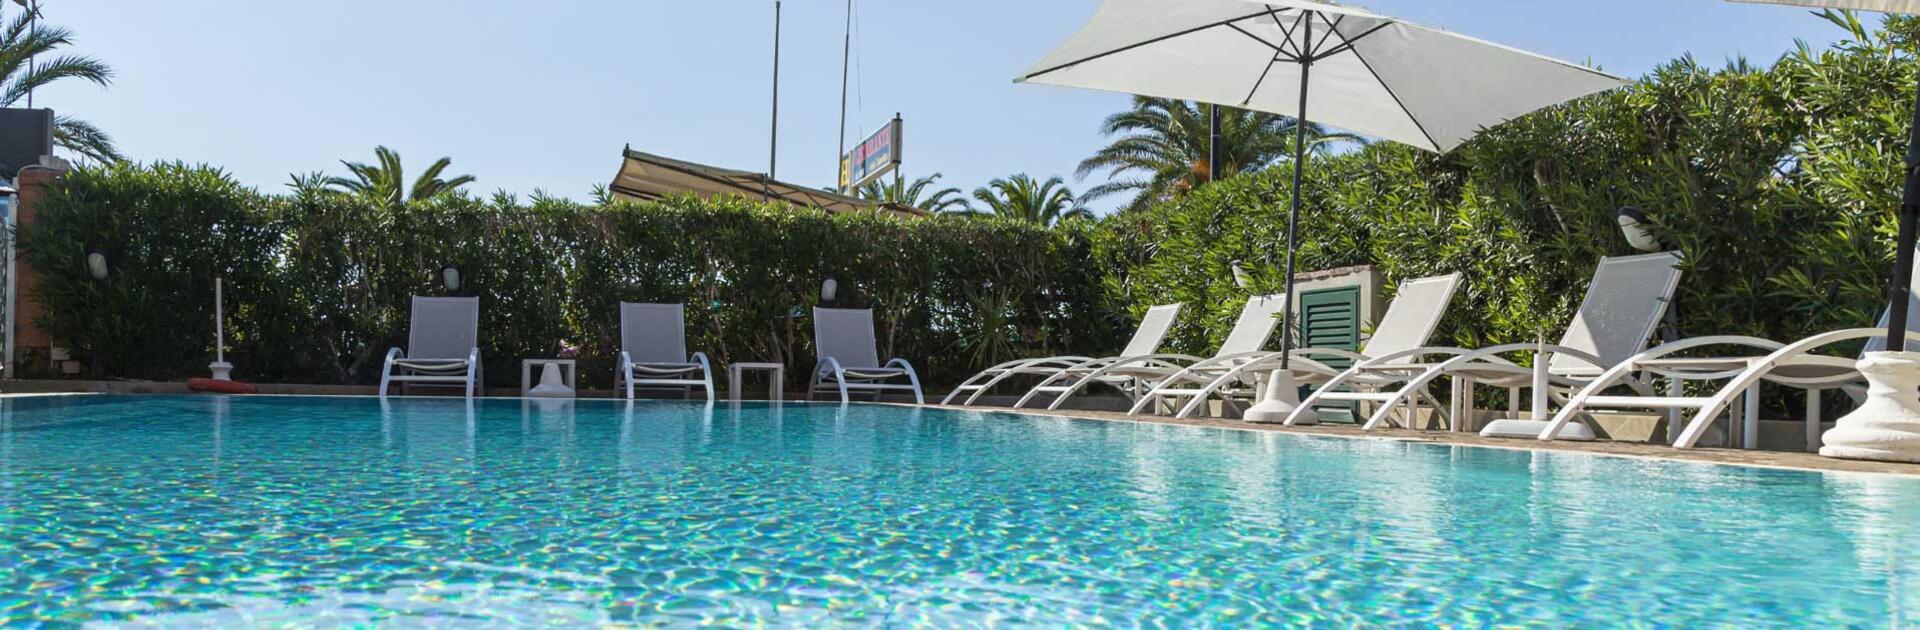 hotelbixio it servizi 009